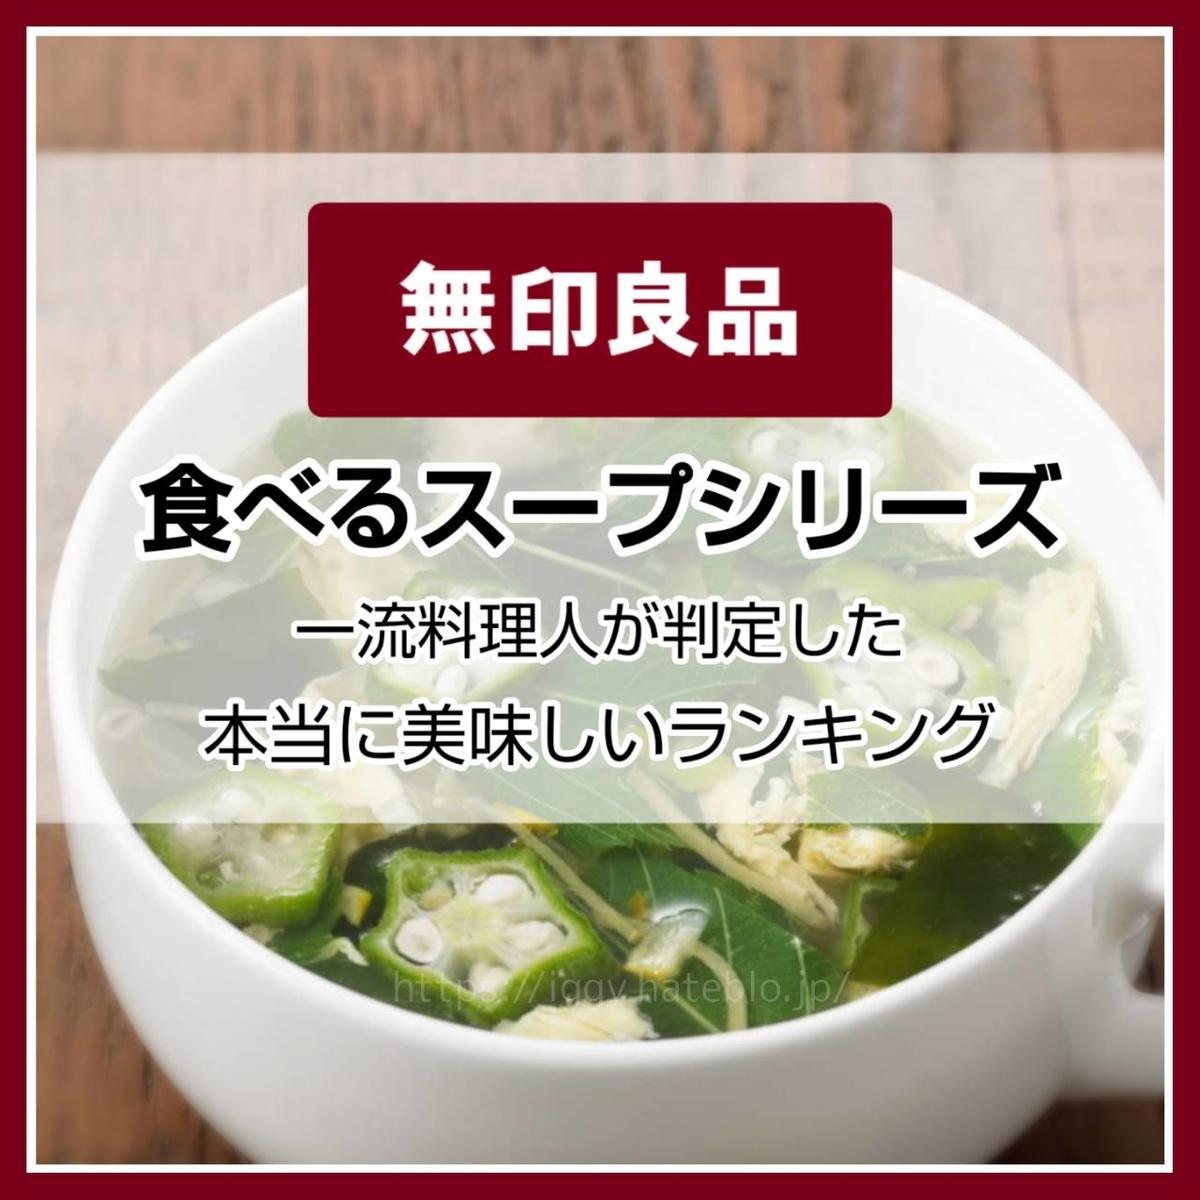 『無印良品』食べるスープシリーズ 一流料理人が判定「本当に美味しいランキング」2020年9月19日テレビ番組「ジョブチューン」